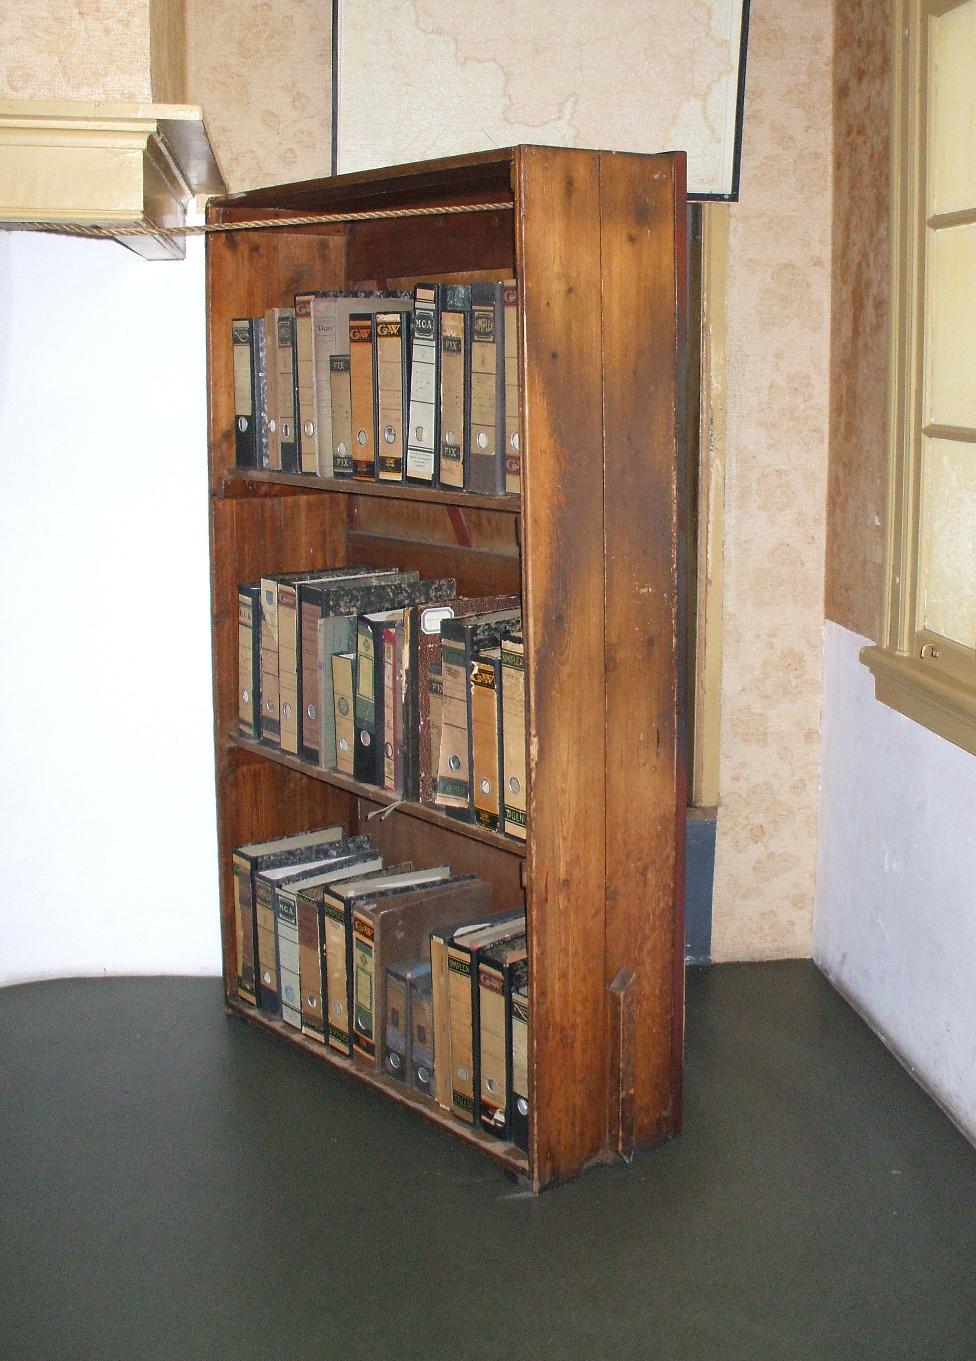 Reconstrução da estante que cobria a única entrada do Anexo Secreto, na Casa de Anne Frank, em Amsterdã.